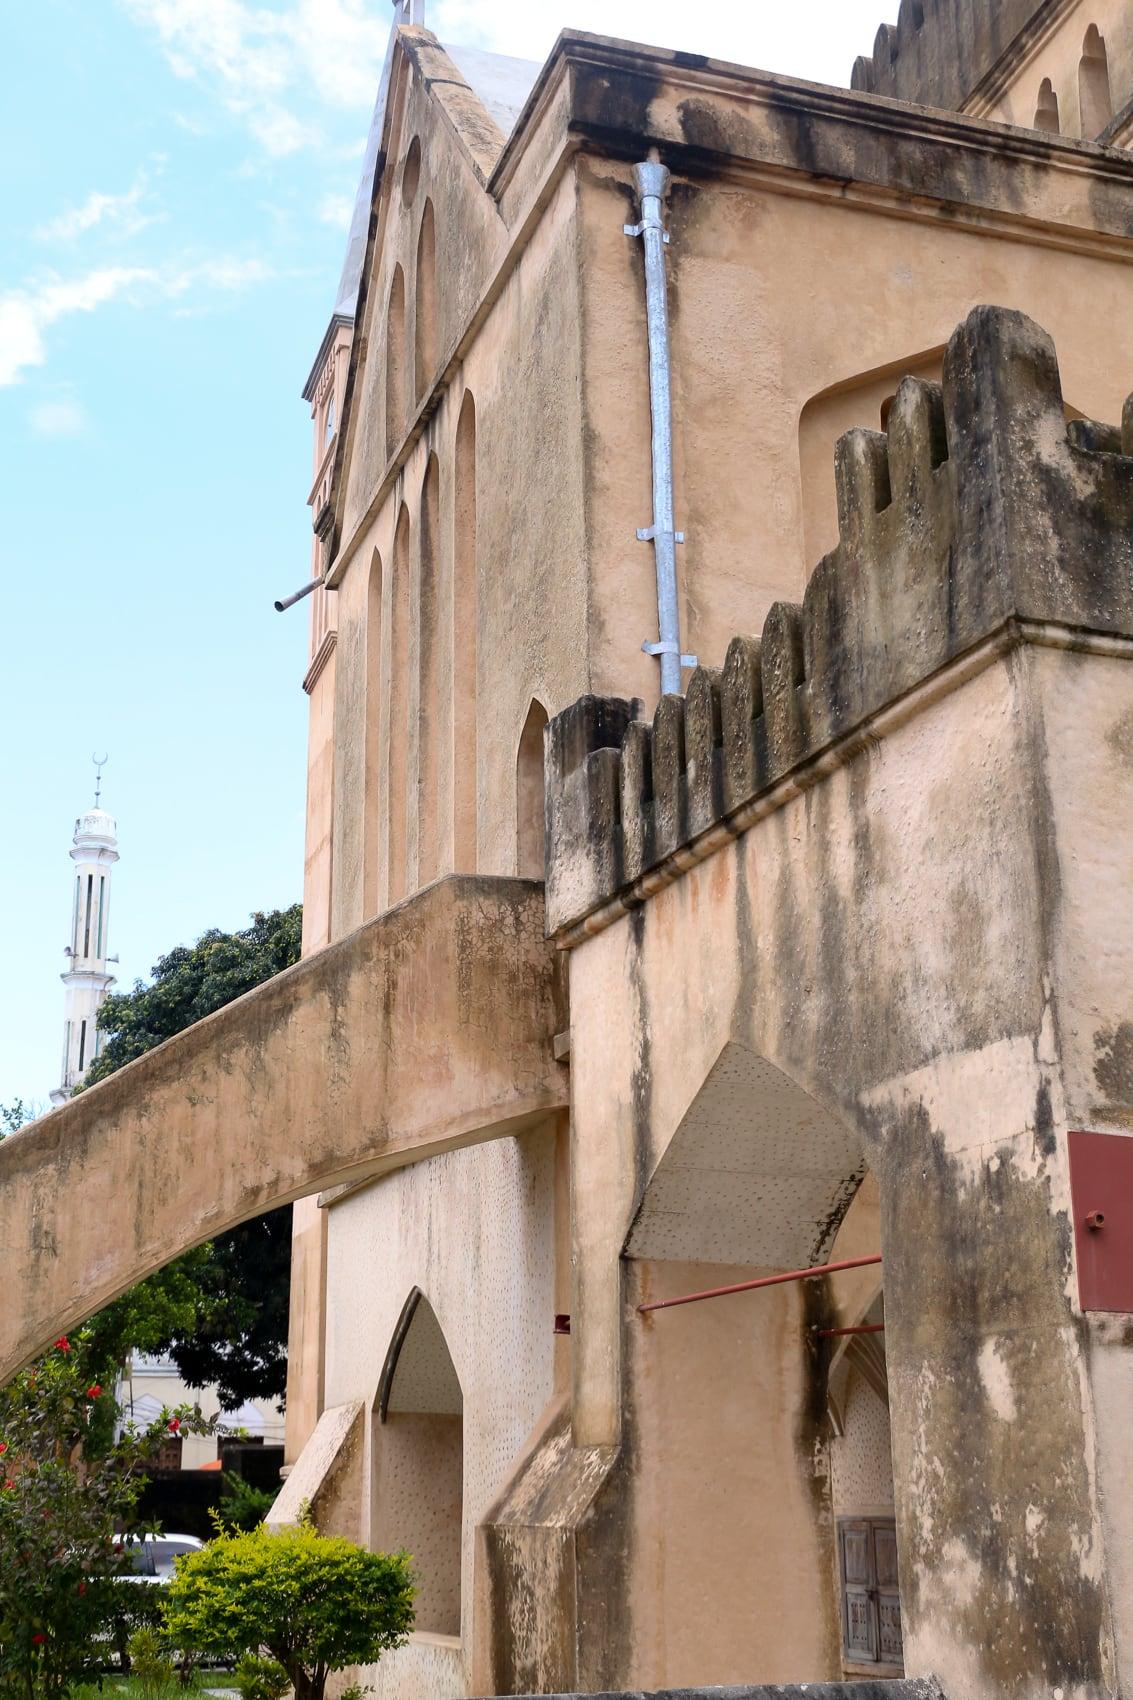 fünf-dinge-die-dich-auf-der-trauminsel-sansibar-überraschen-werden-hauptstadt-stone-town-reiseblog-des-belles-choses 1